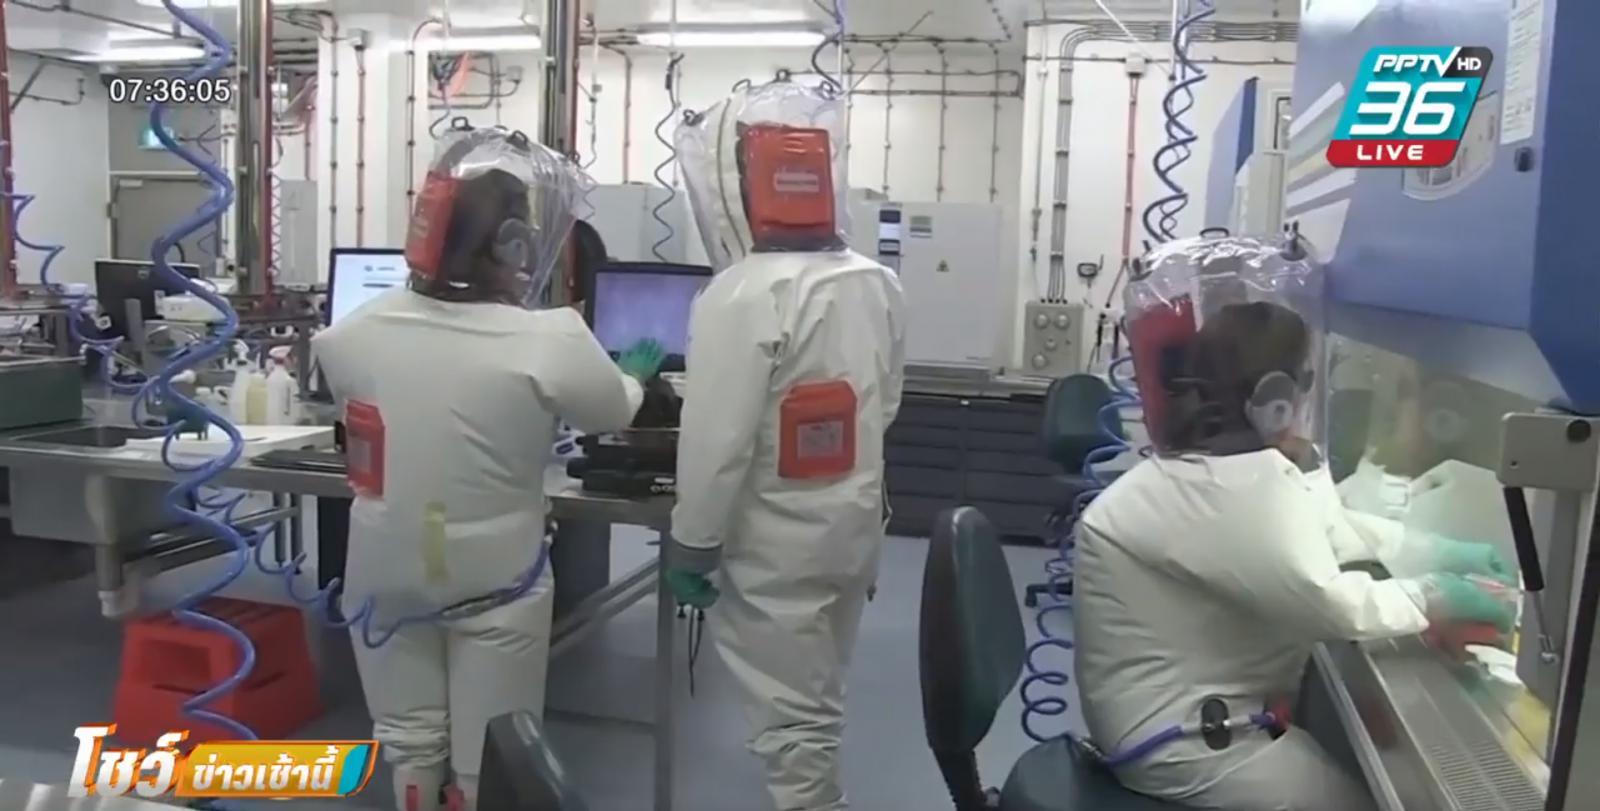 ข่าวดี! นักวิทย์ออสเตรเลีย เริ่มทดสอบวัคซีนโควิด-19 ในสัตว์